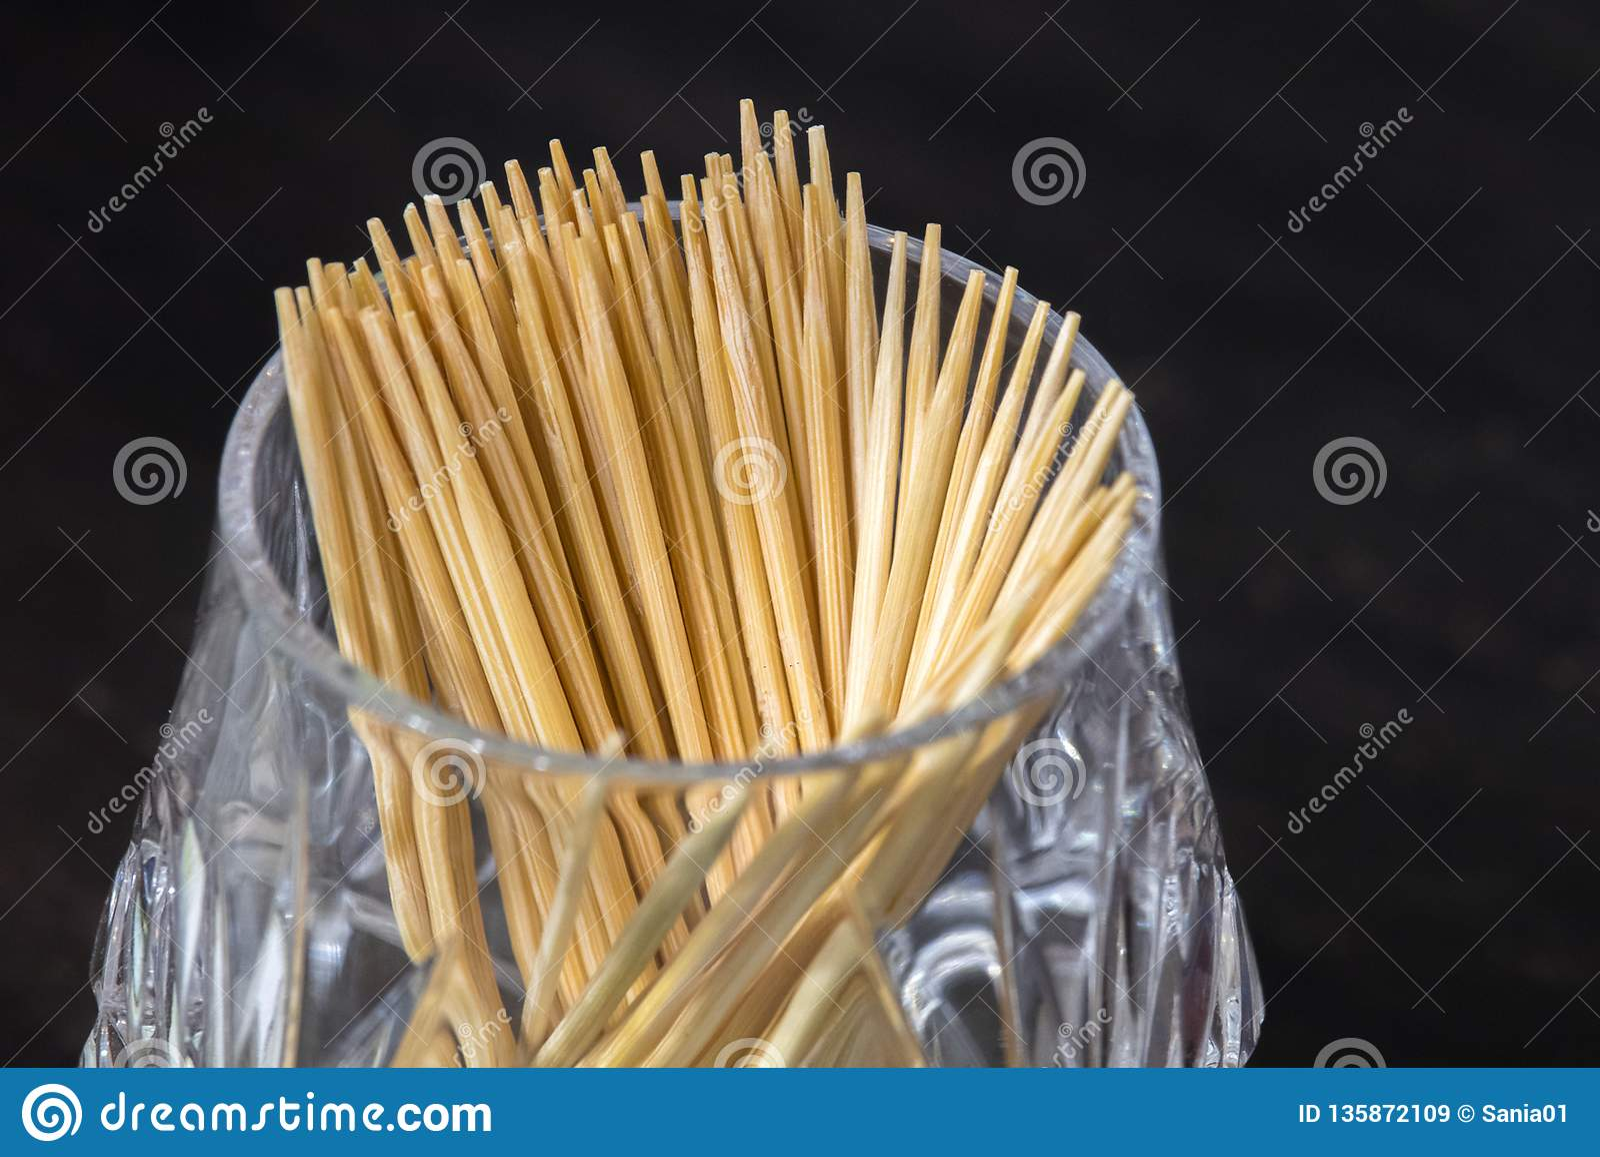 Gli stuzzicadenti di legno in una tazza di vetro sono sulla tavola, su un fondo scuro igiene orale dopo il cibo